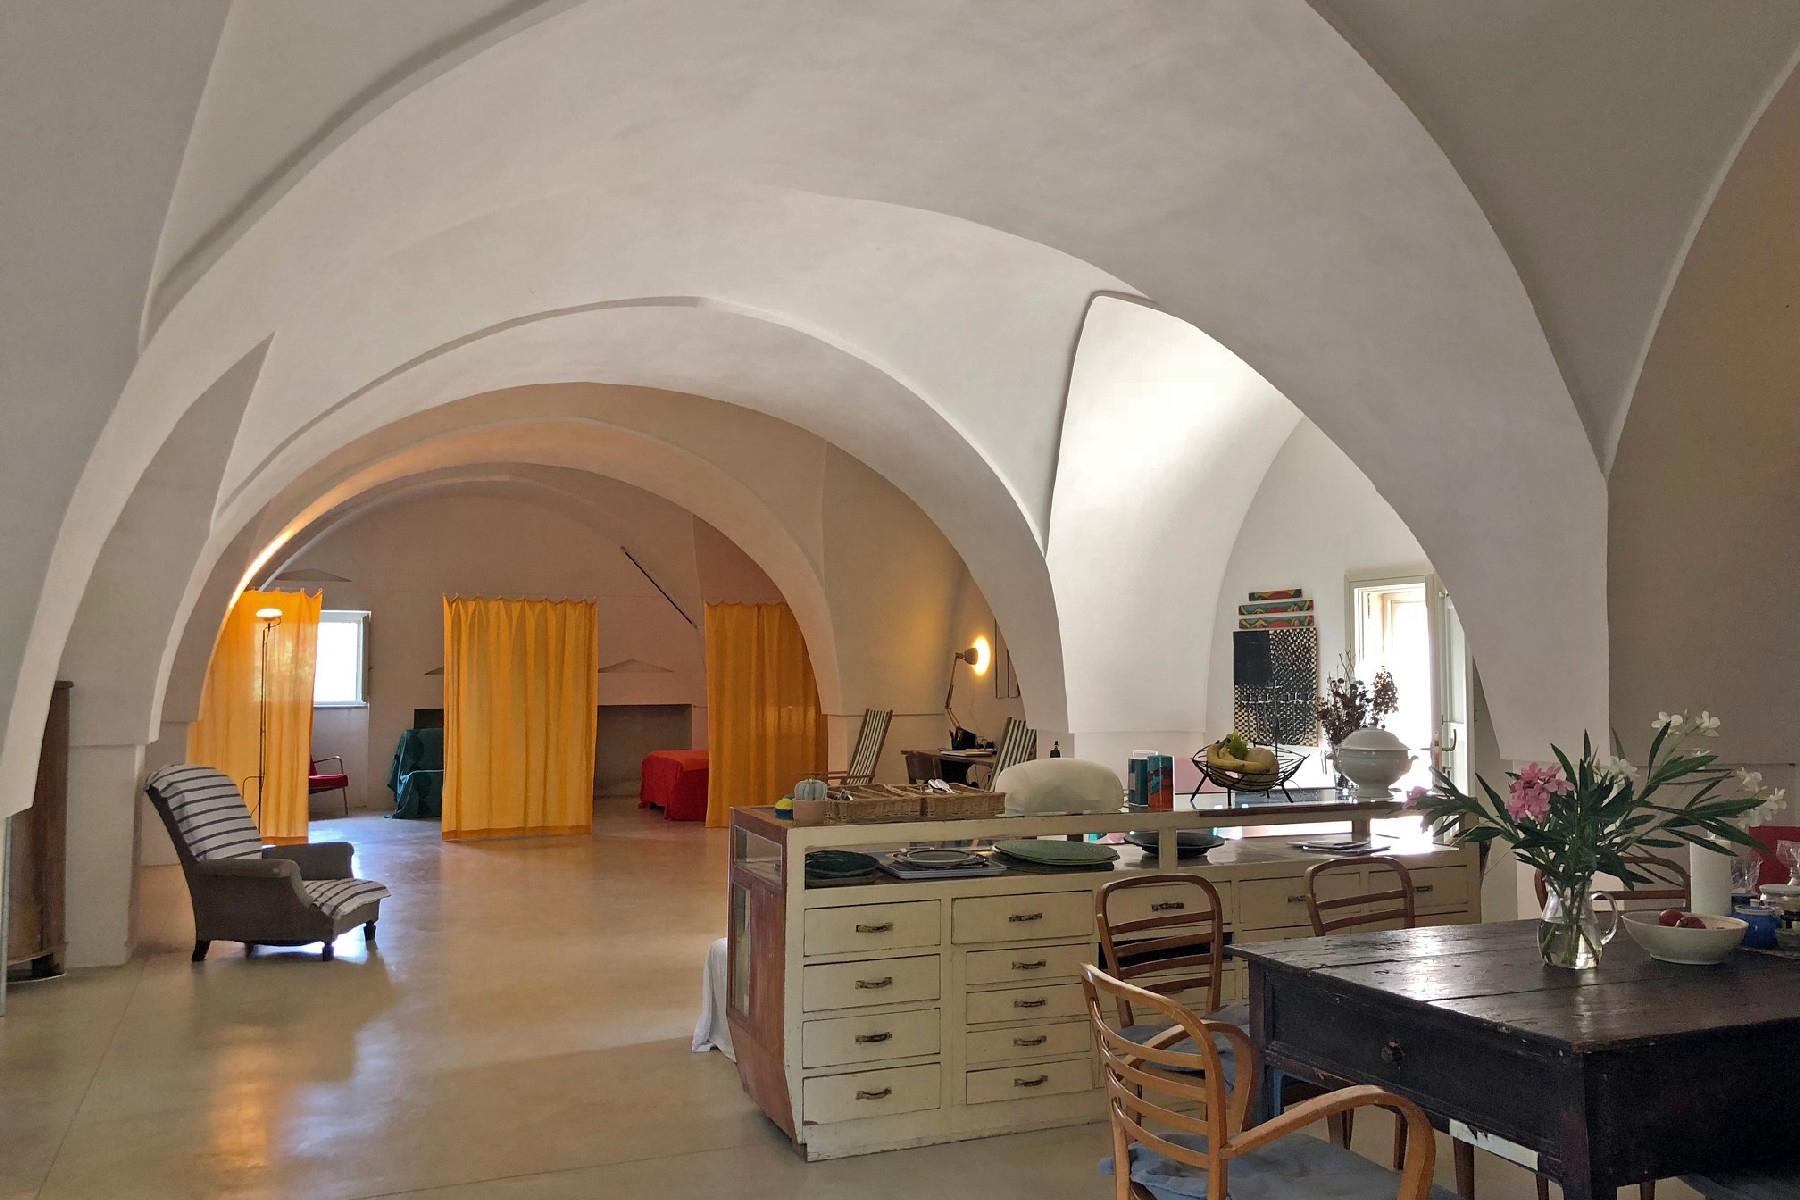 Casa indipendente in Vendita a Ugento: 4 locali, 160 mq - Foto 2